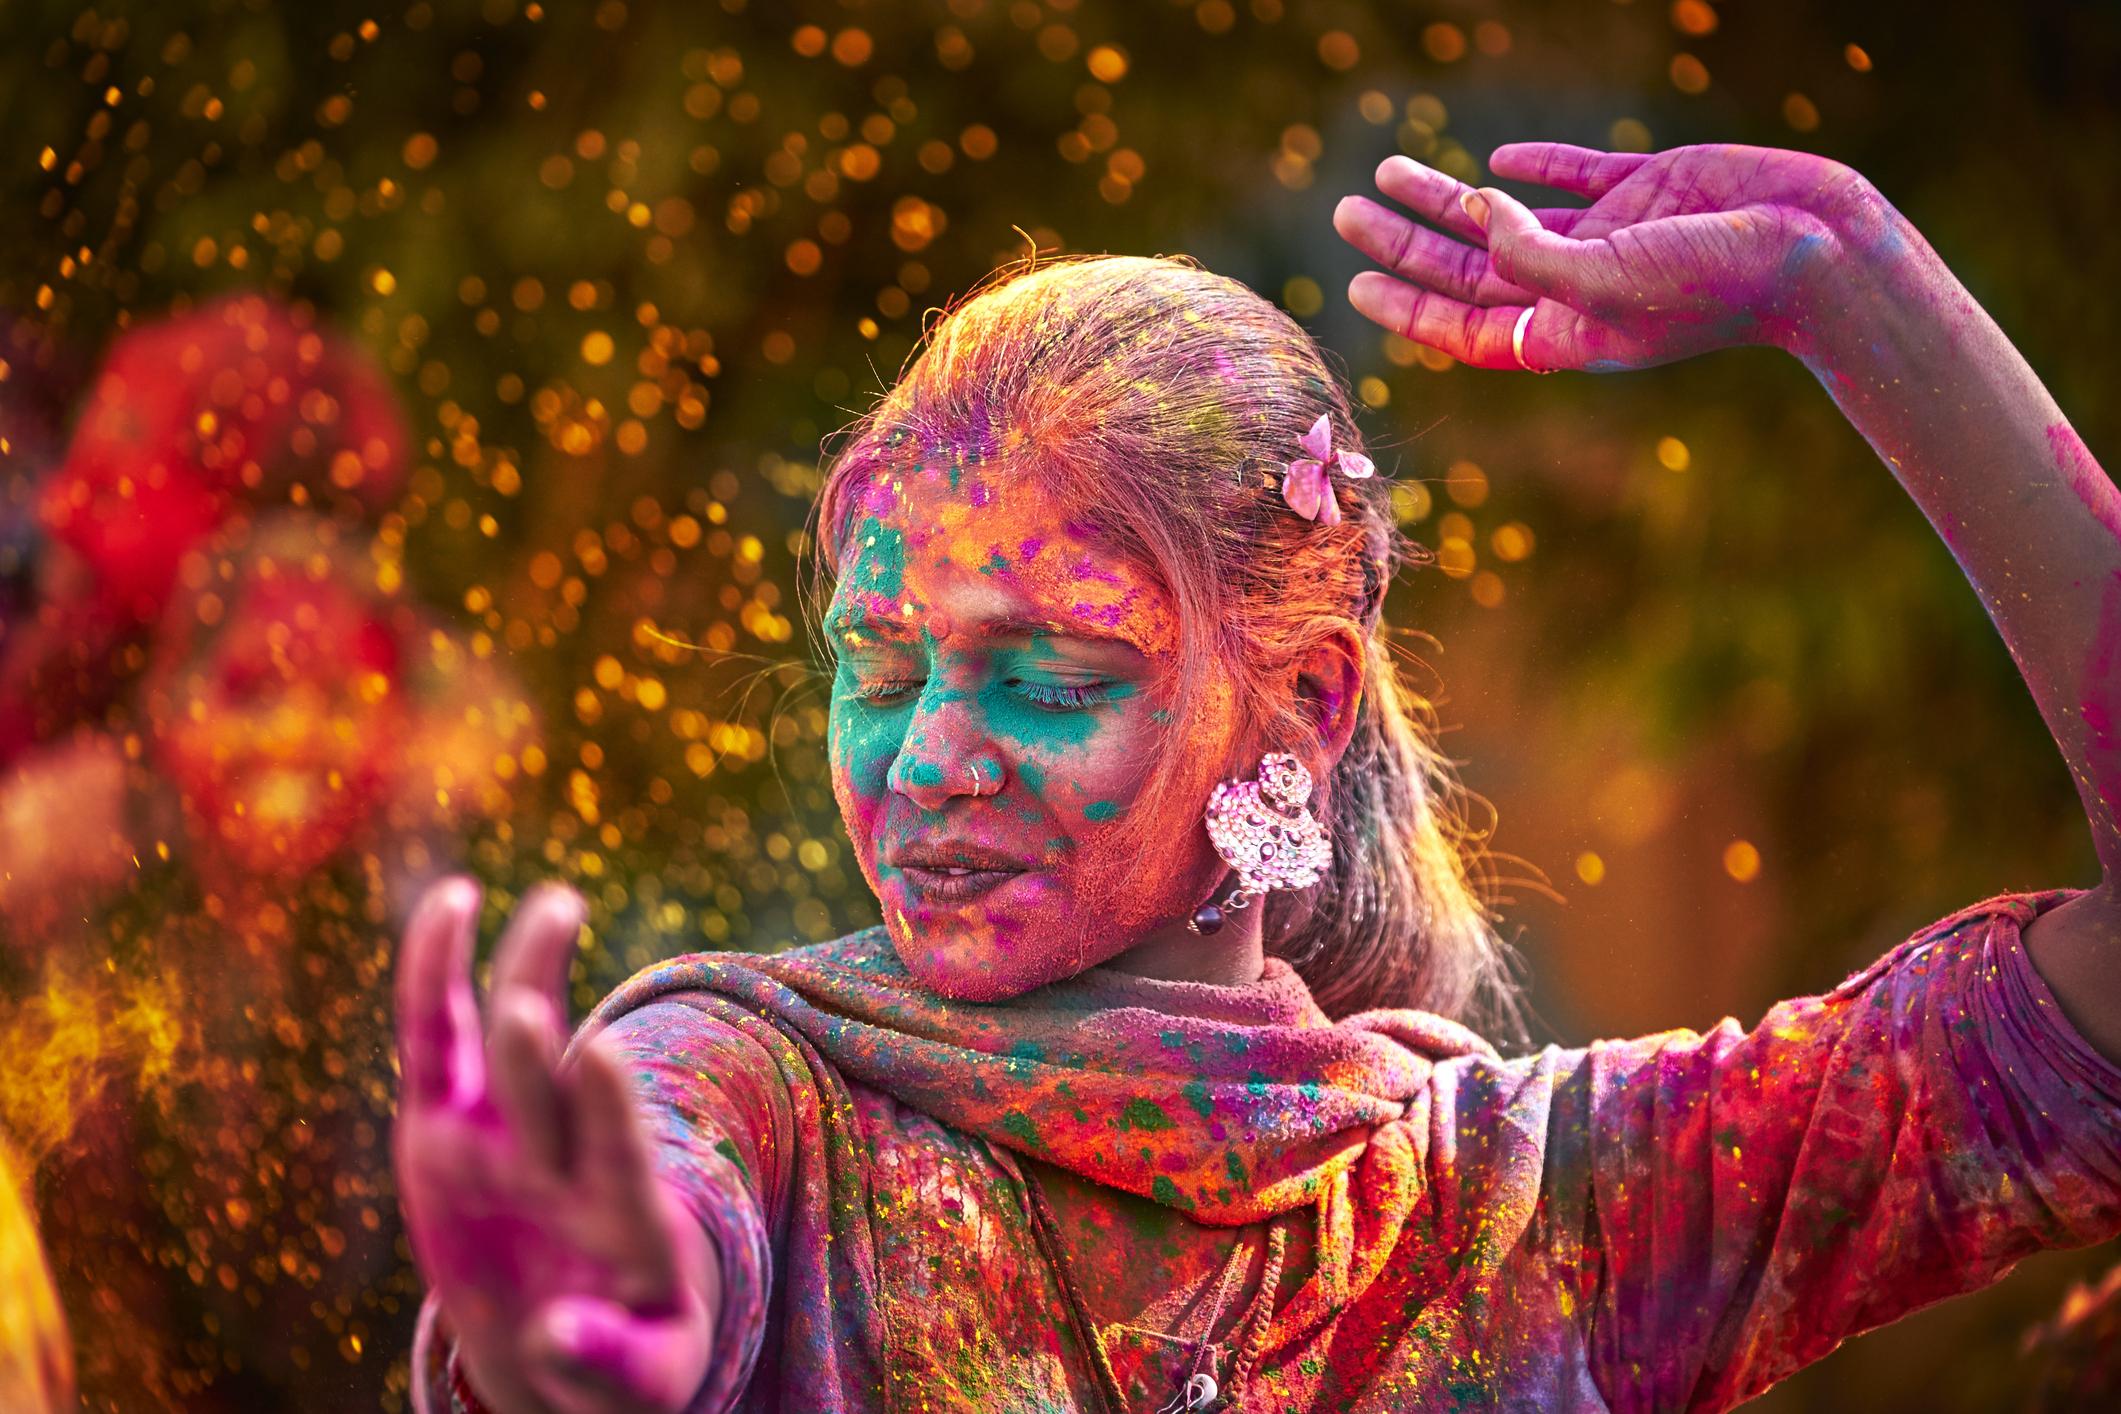 Un bagno di colore: Arte Mater Corso e Percorso di Arteterapia 2019